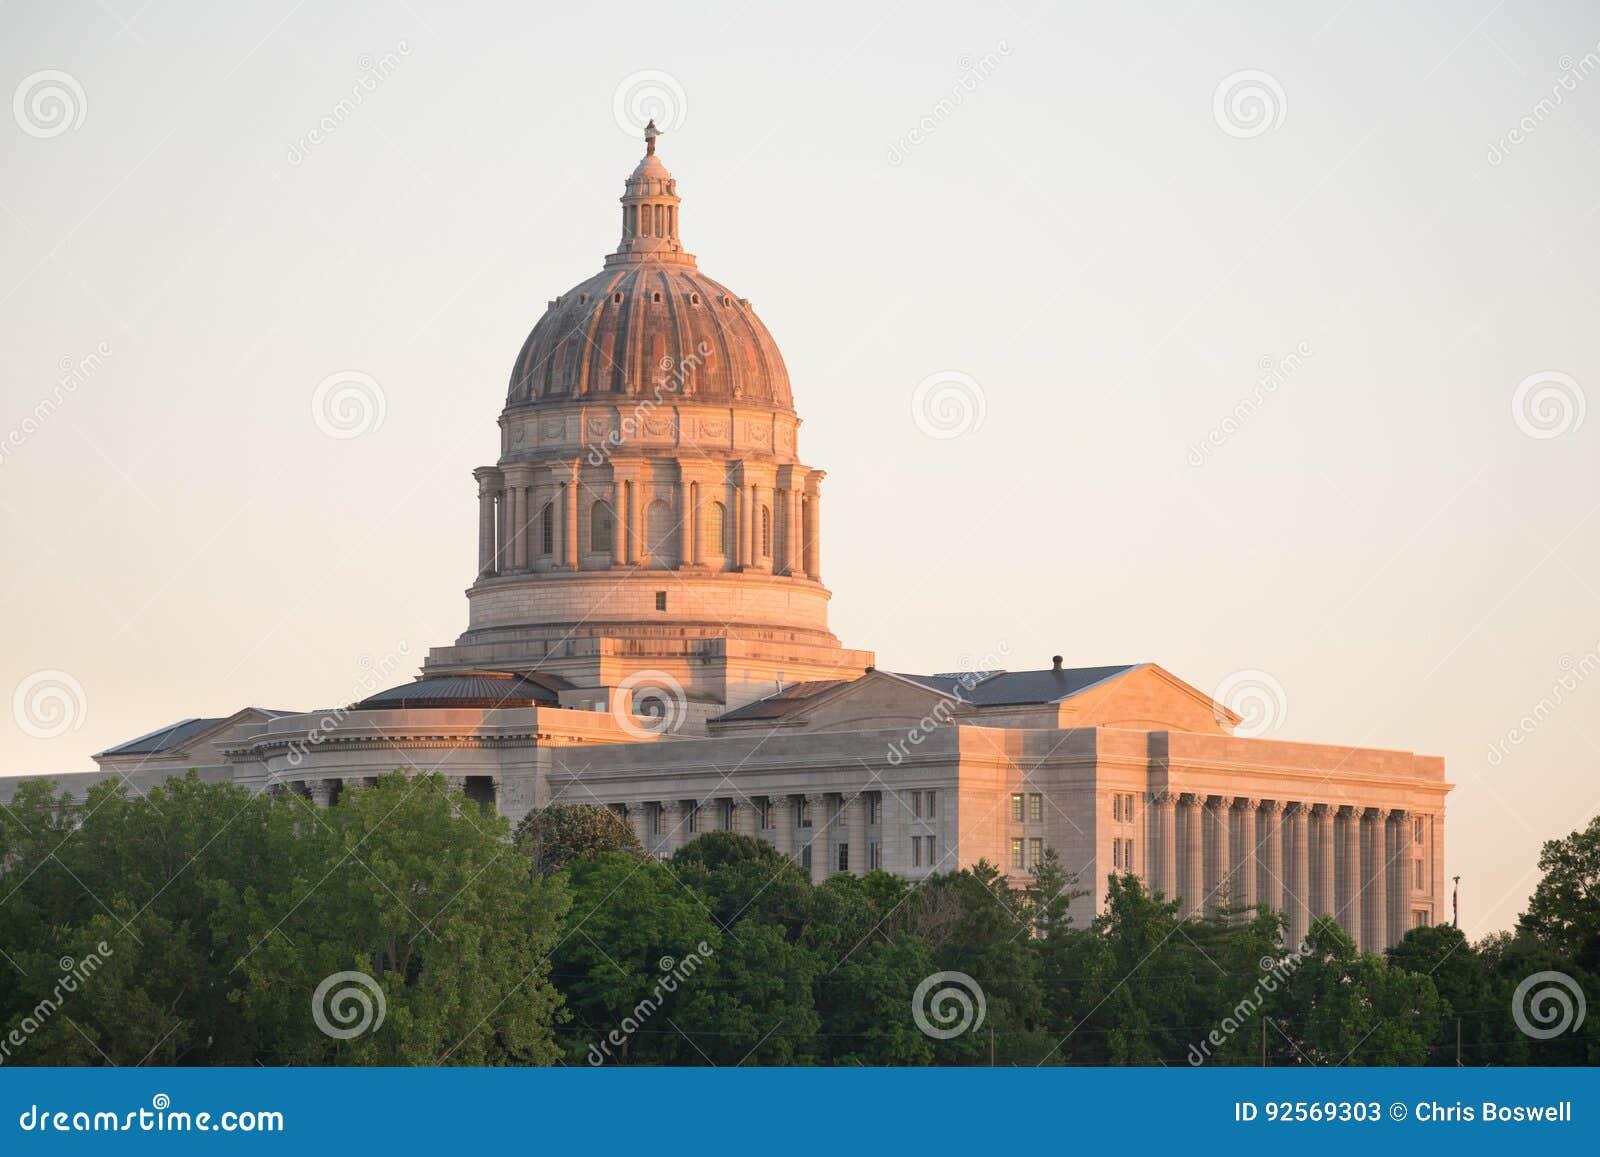 杰斐逊城密苏里首都修造的街市日落建筑学